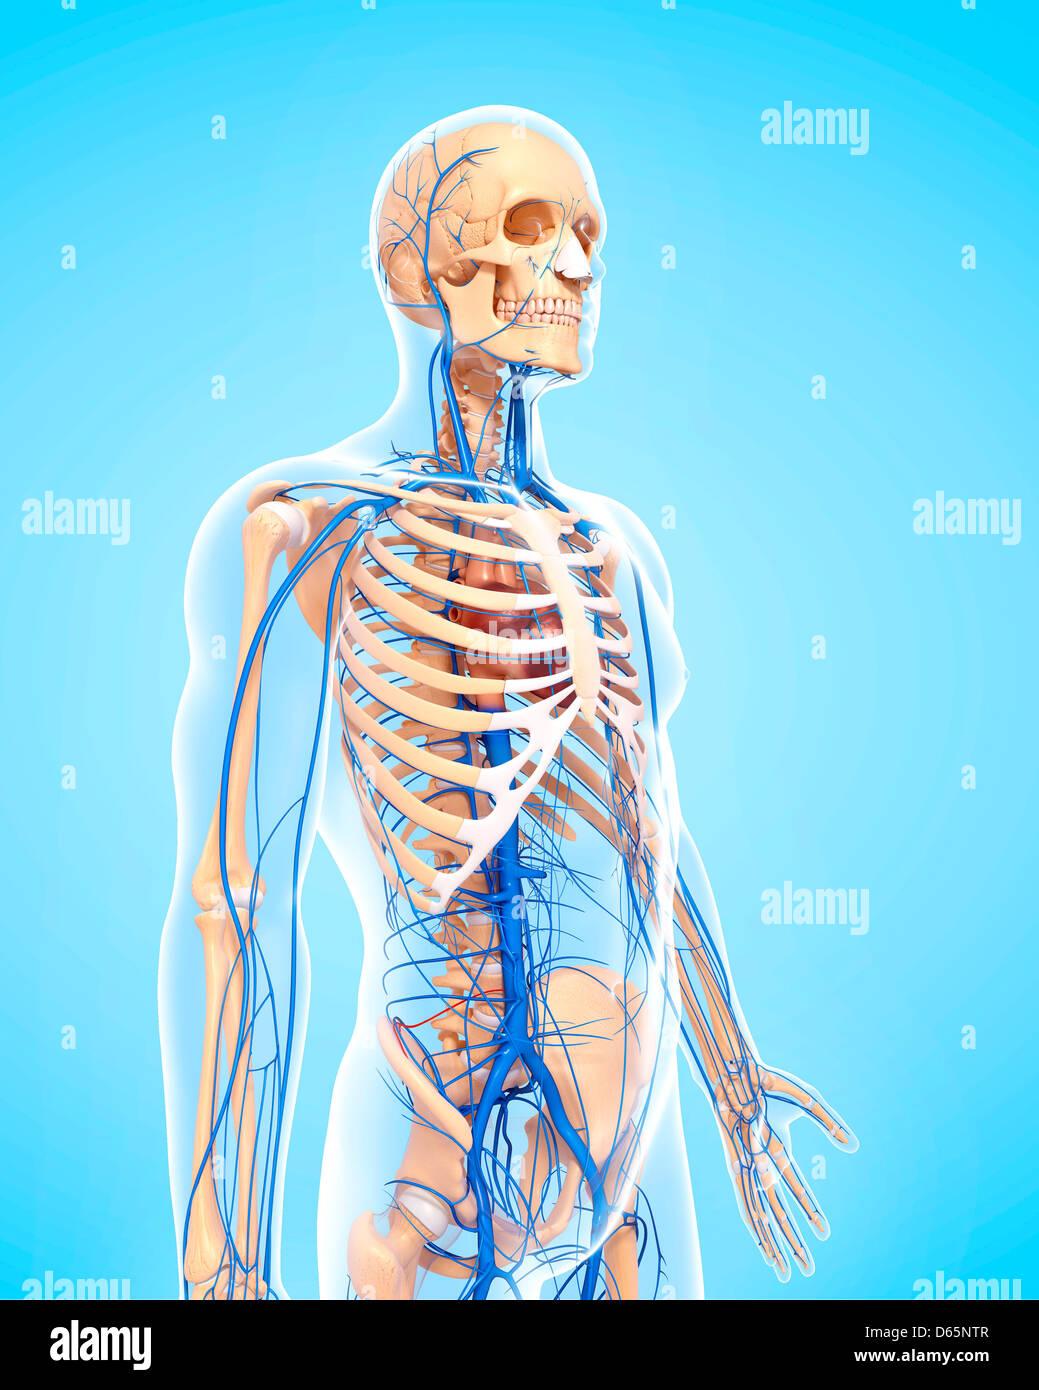 Beste Menschliche Anatomie App Für Android Fotos - Menschliche ...